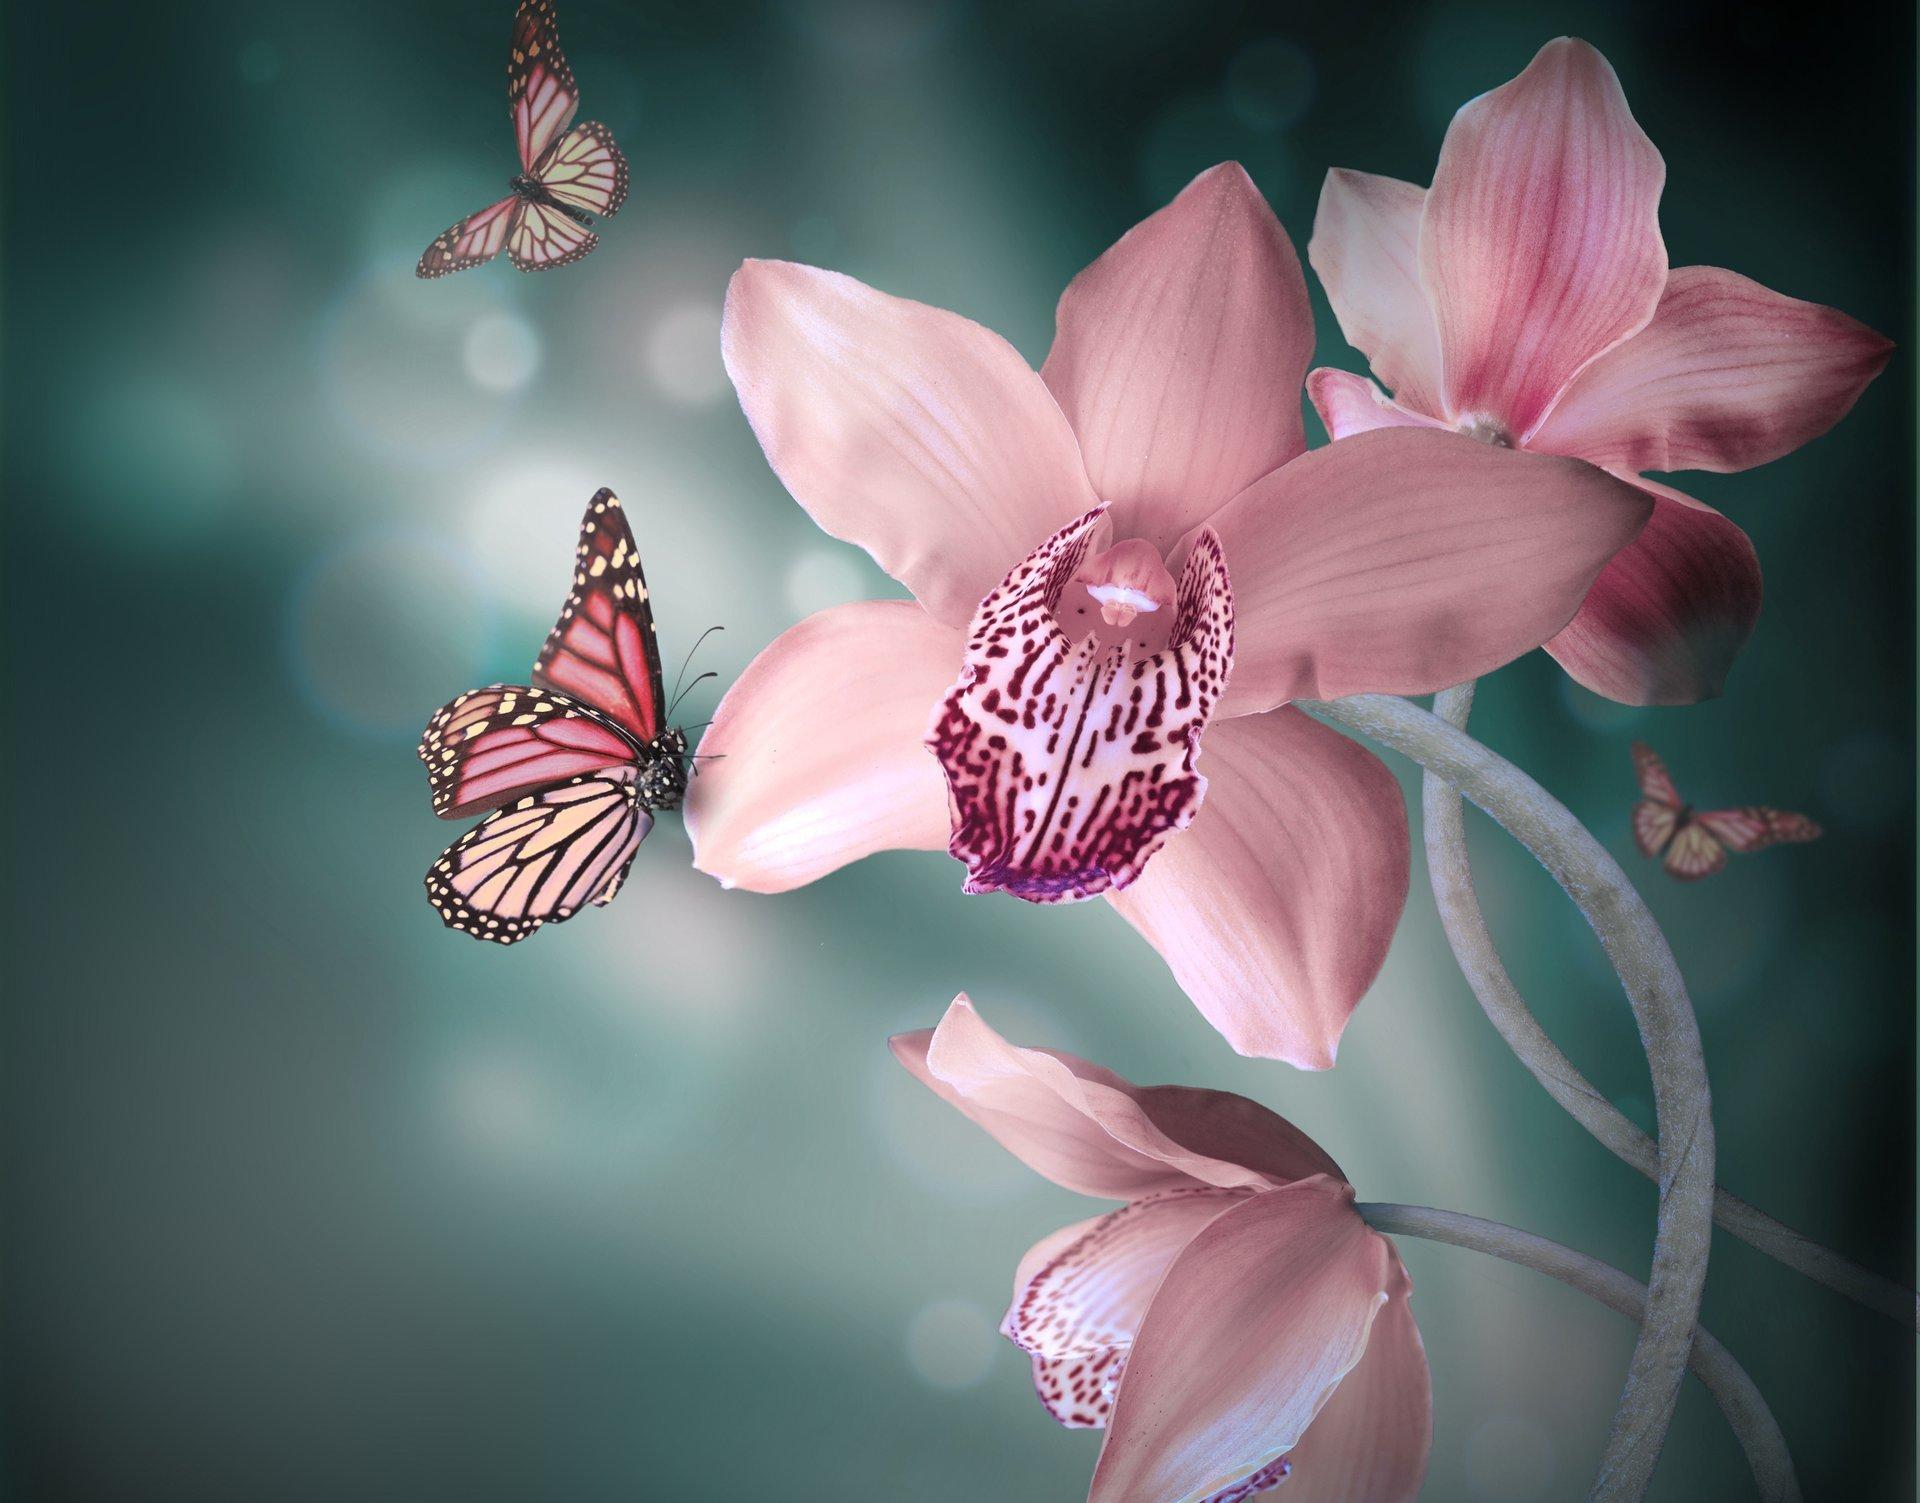 Картинки цветов орхидей для рабочего стола